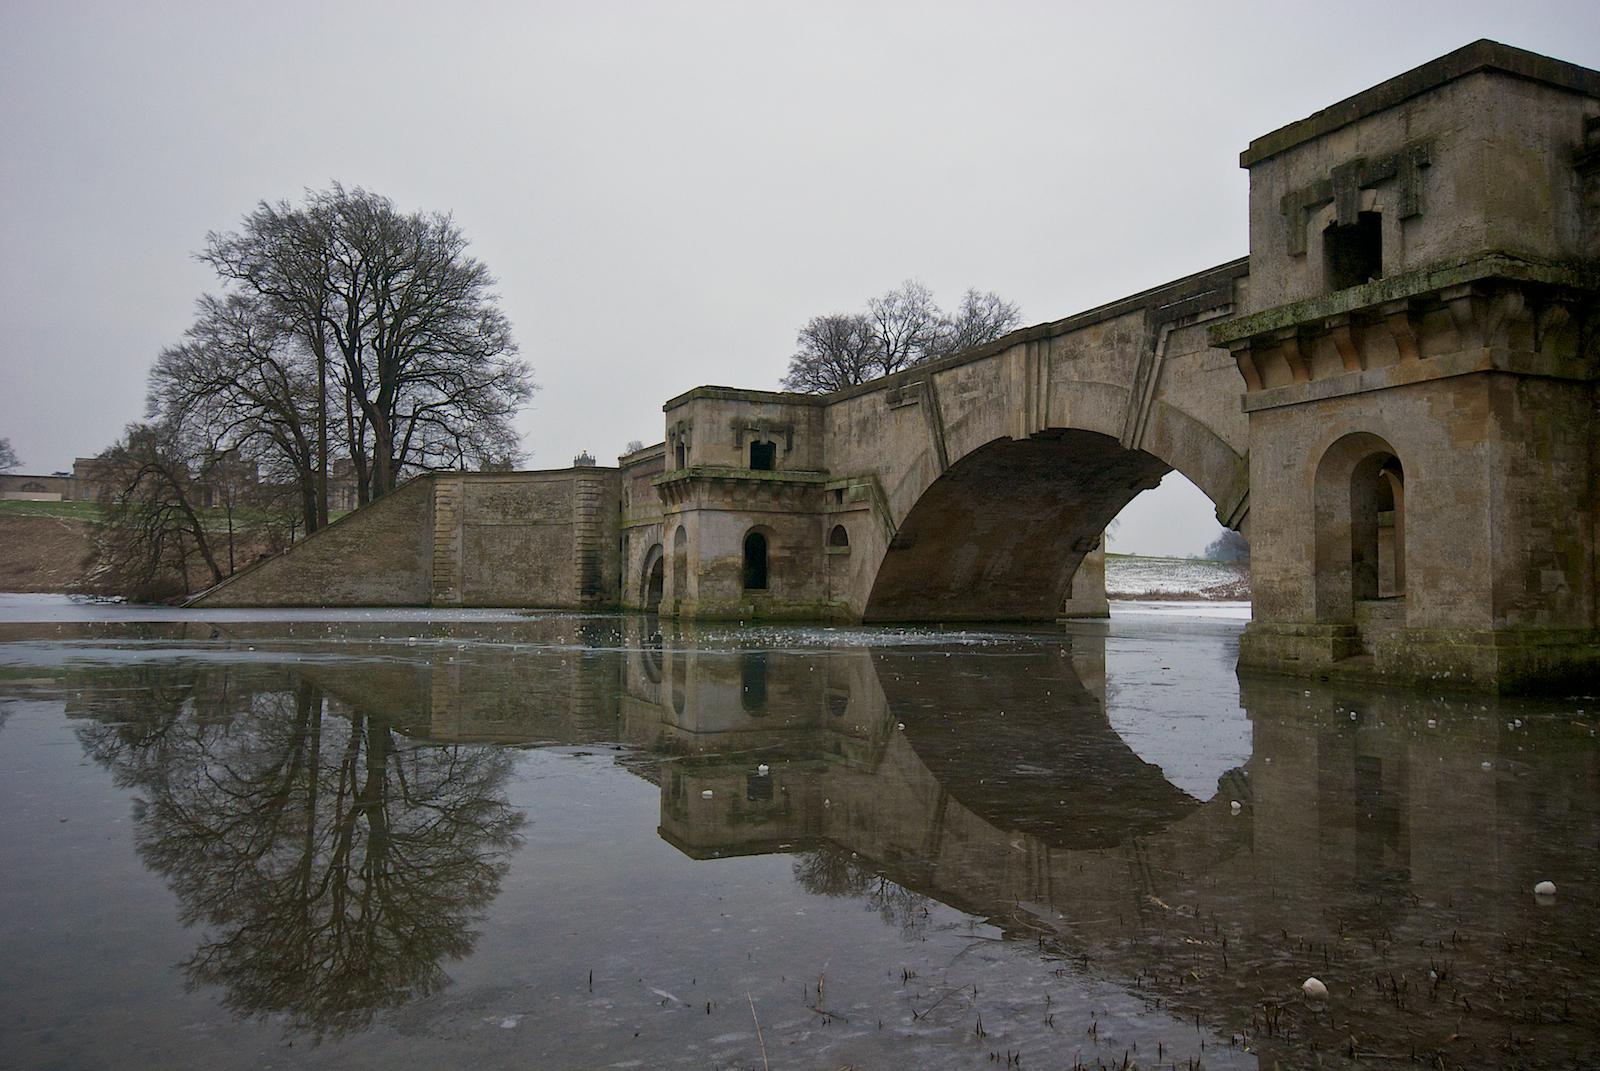 Blenheim, Oxfordshire